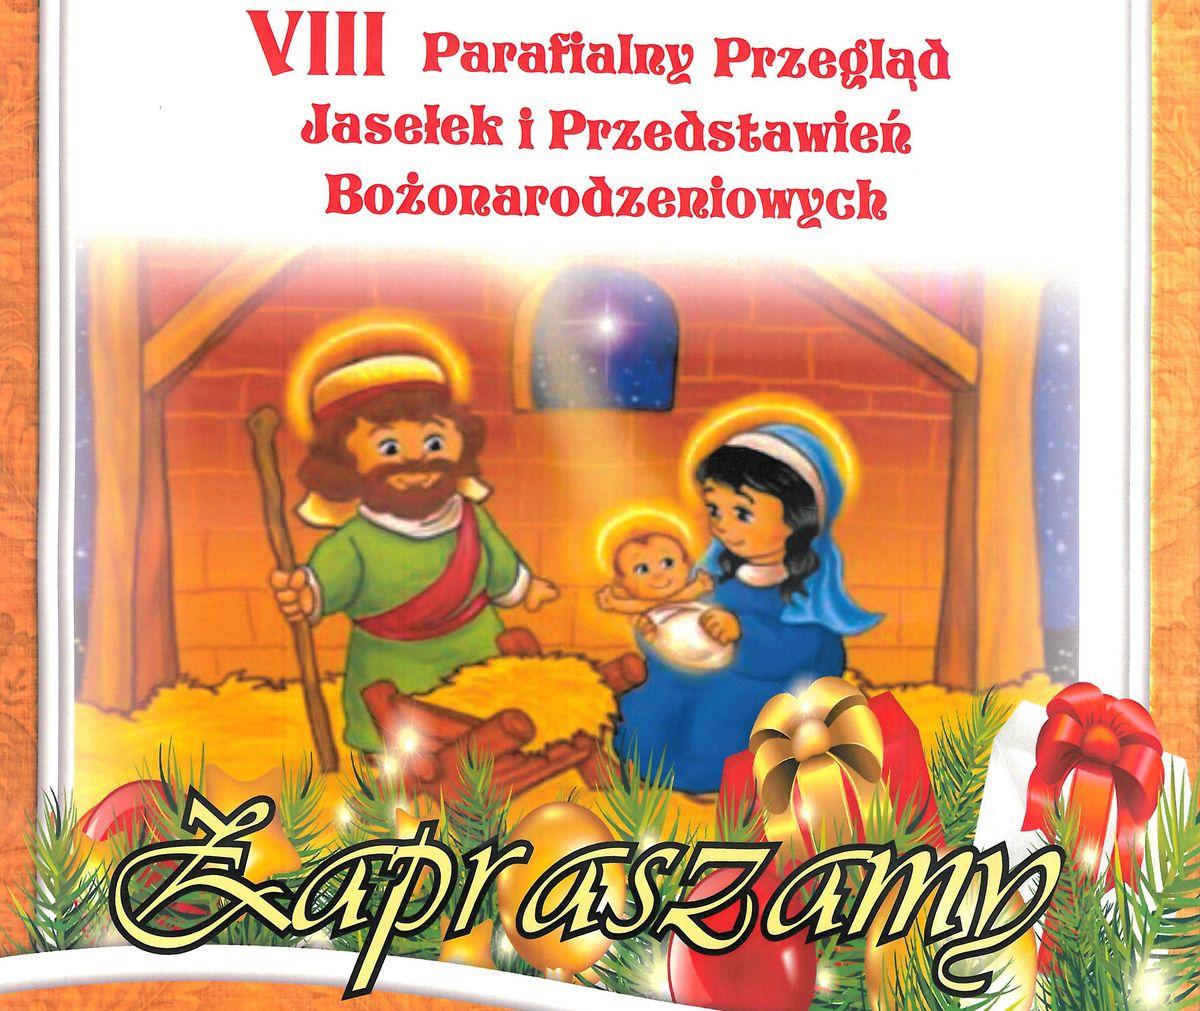 VIII Parafialny Przegląd Jasełek i Przedstawień Bożonarodzeniowych